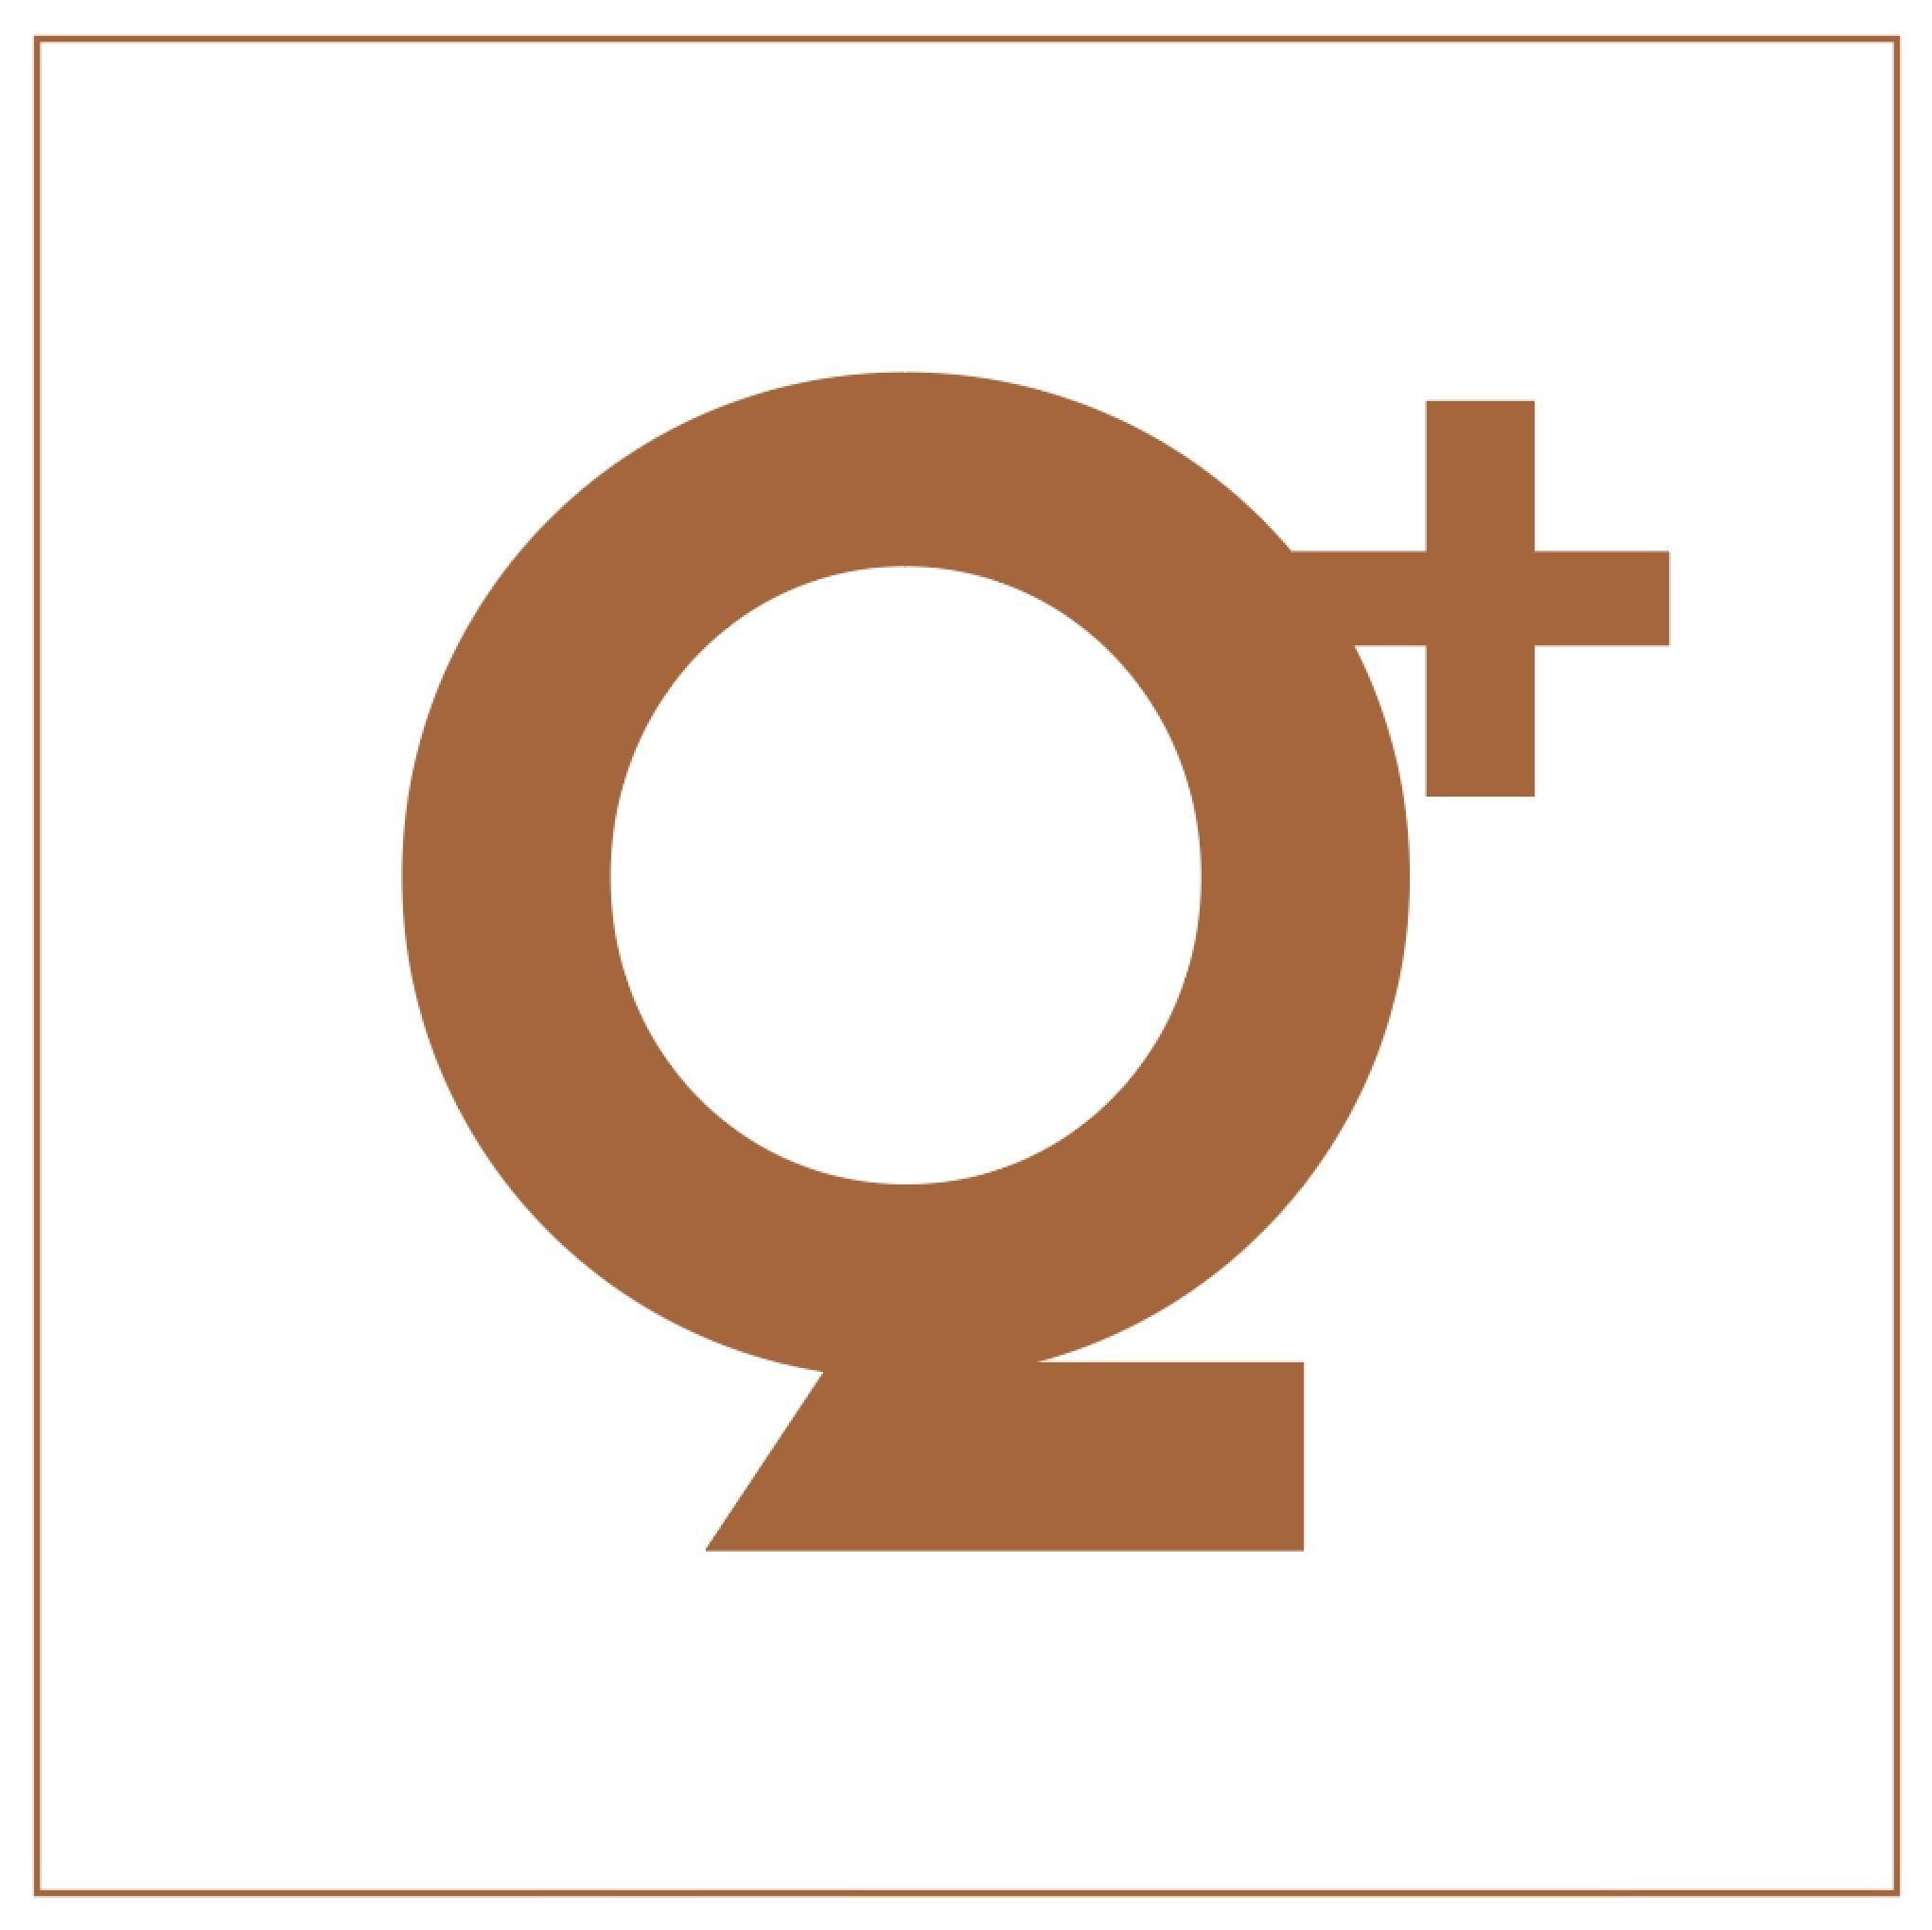 QUINQUAGENIUS ET +